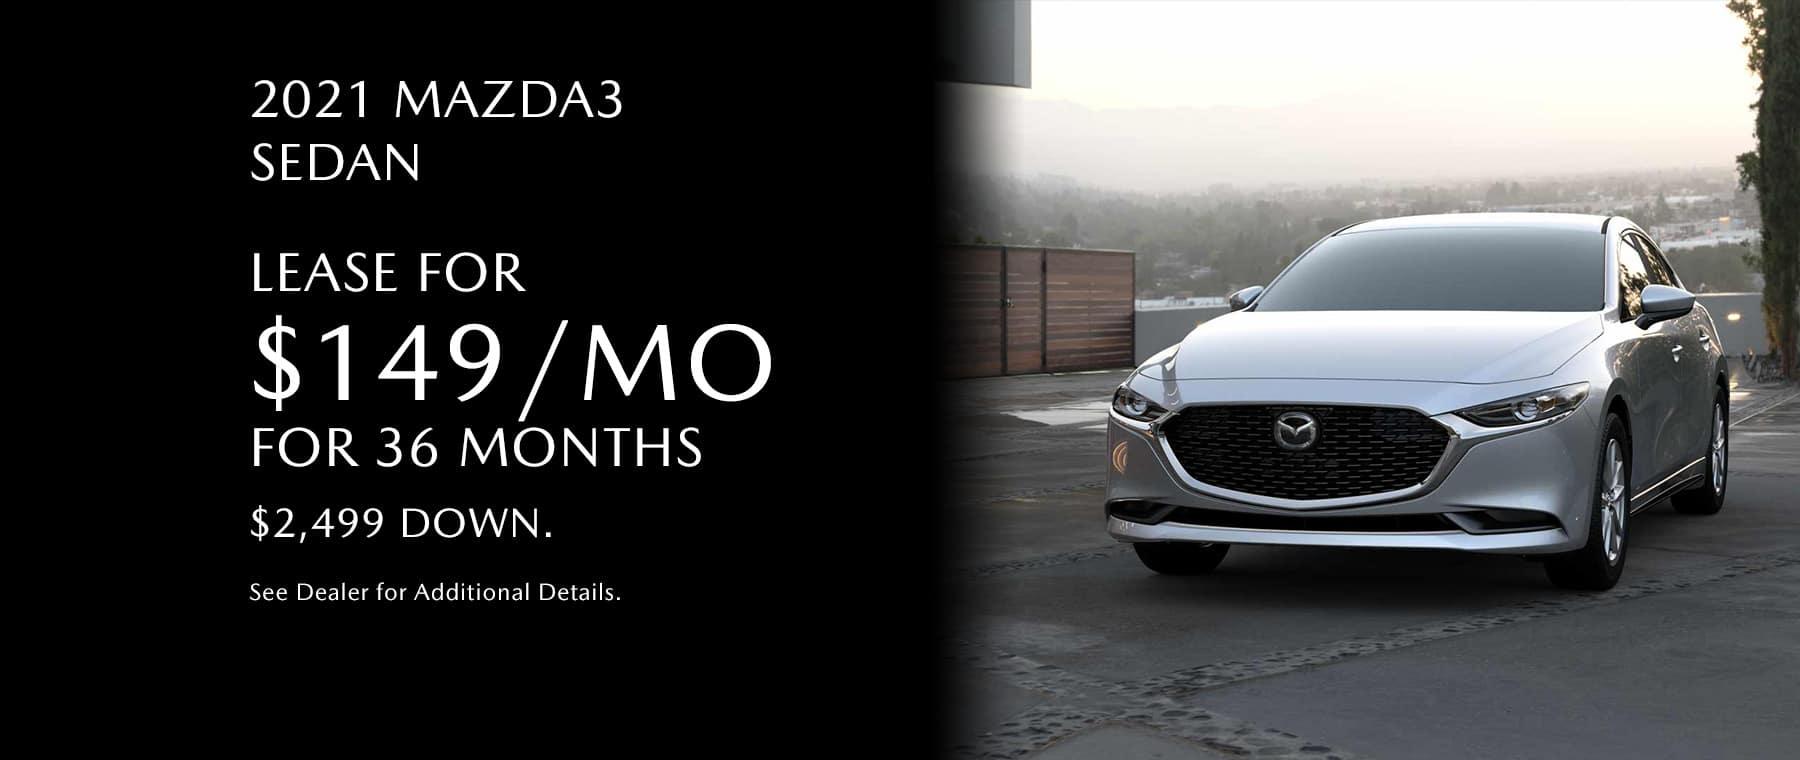 MazdaGastonia_Sliders_Mazda3 Sedan (1)April